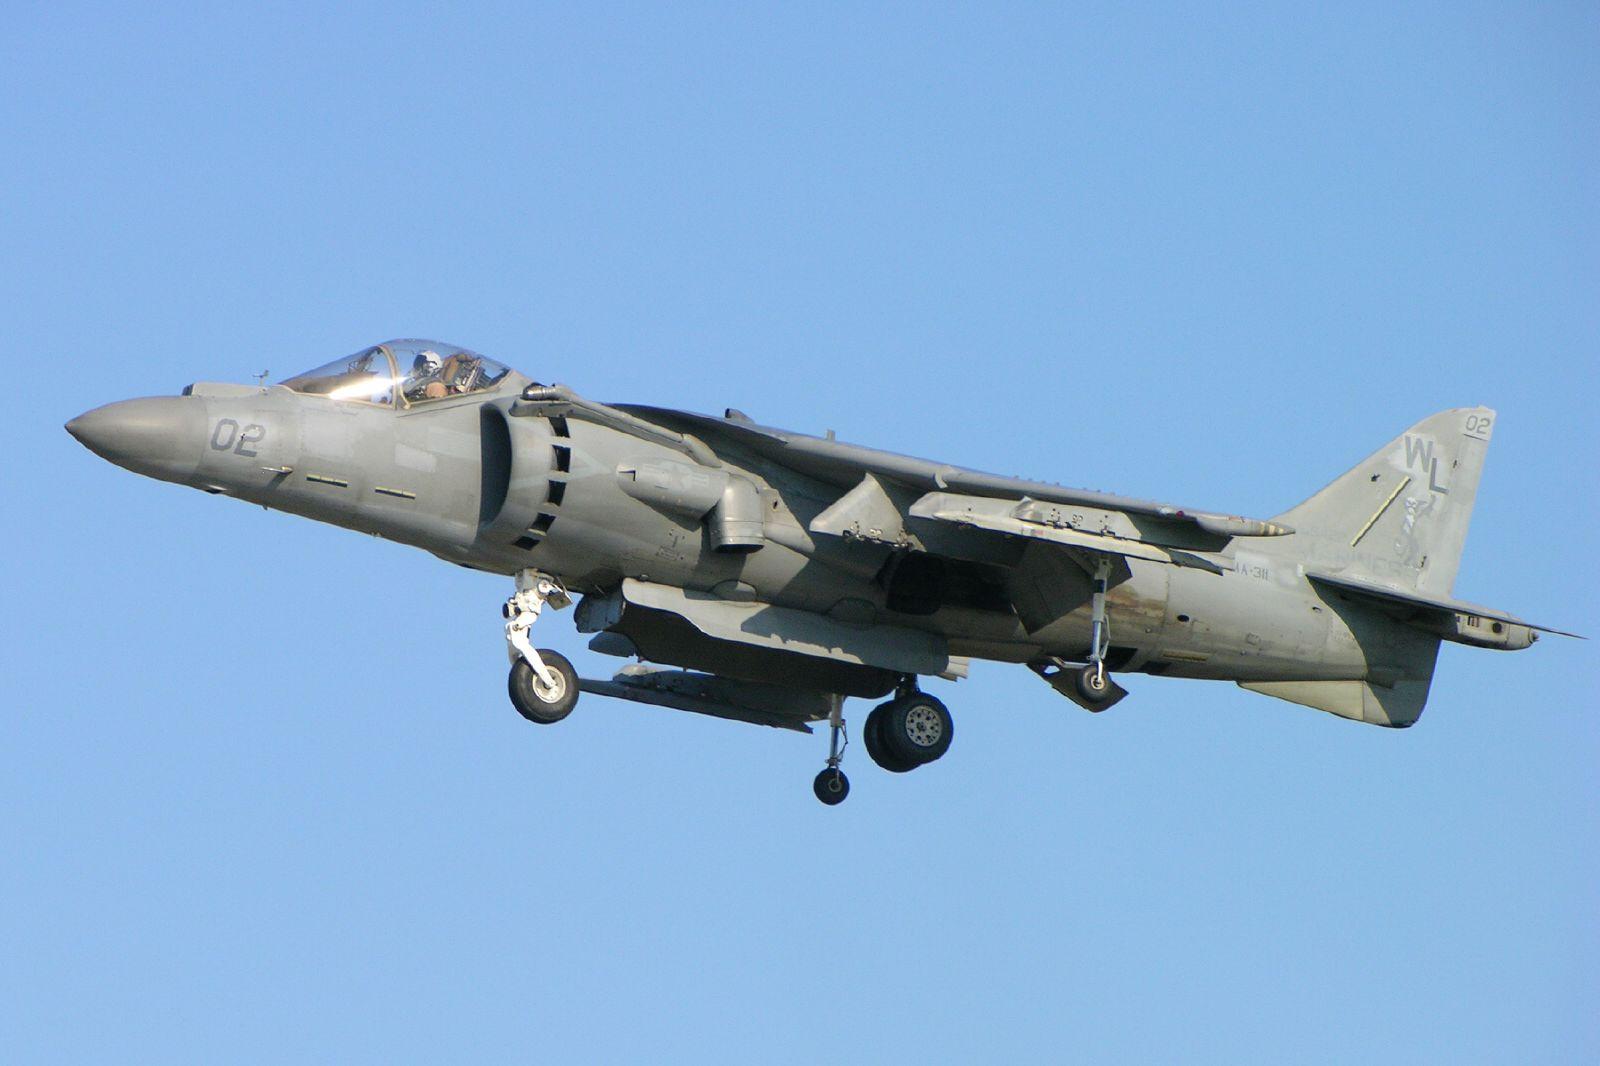 United_States_Marine_Corps_AV-8B_Harrier